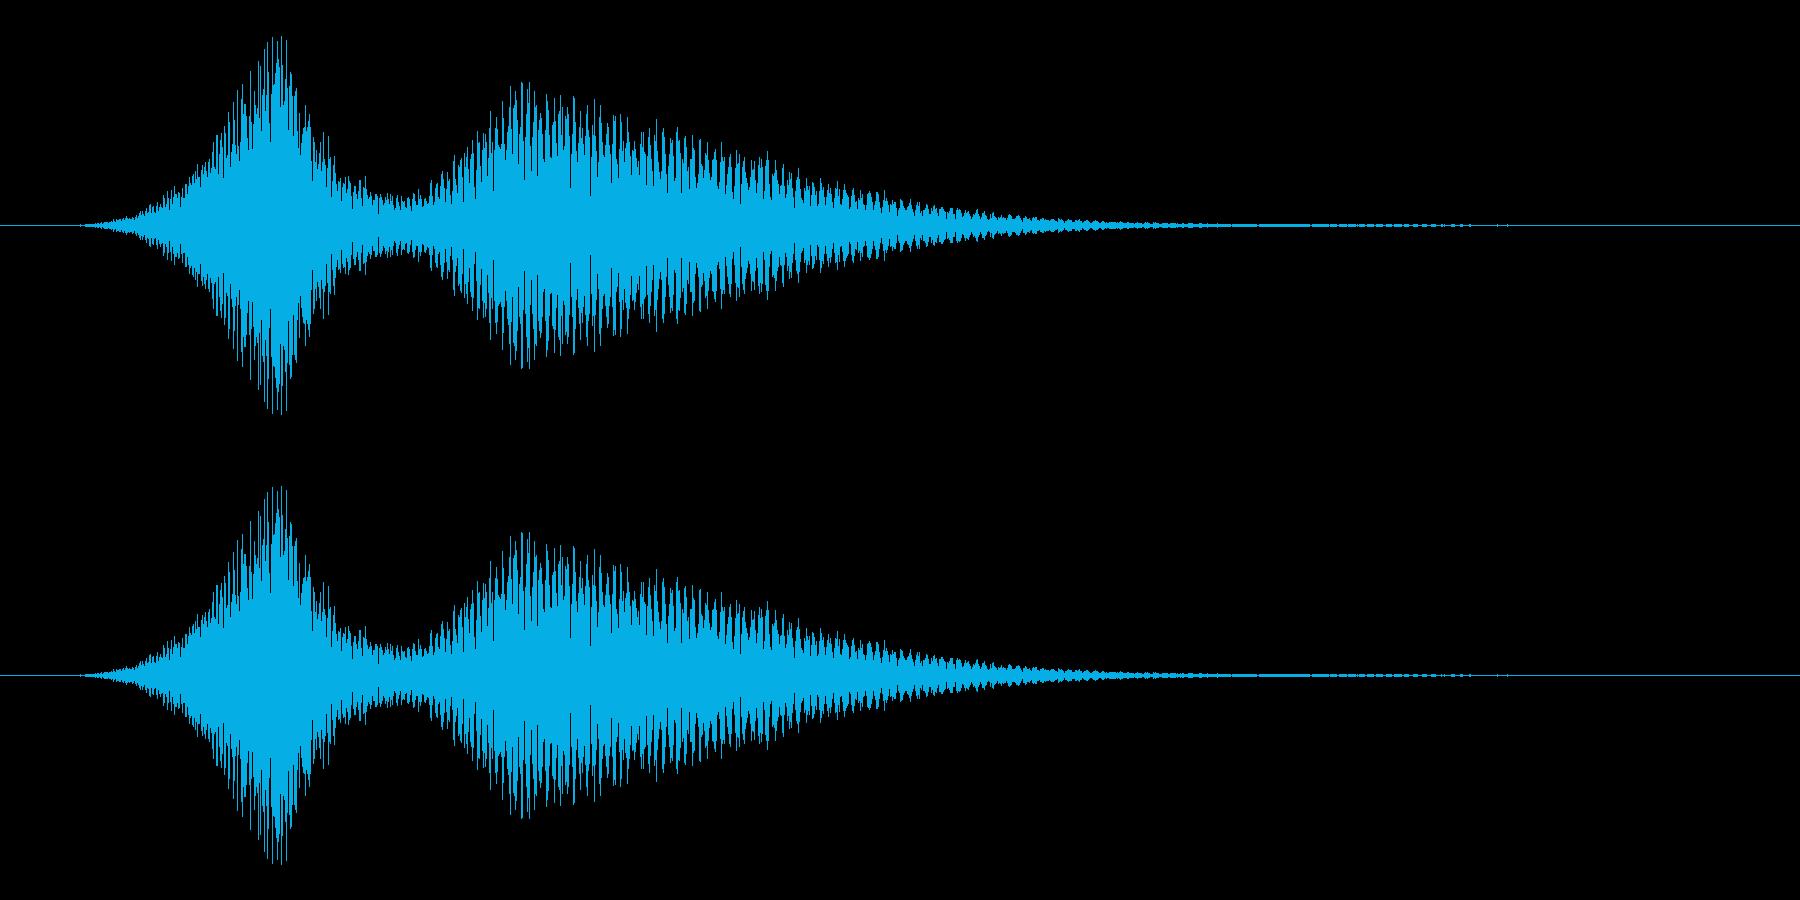 レトロゲームにありそうな空を切る音の再生済みの波形